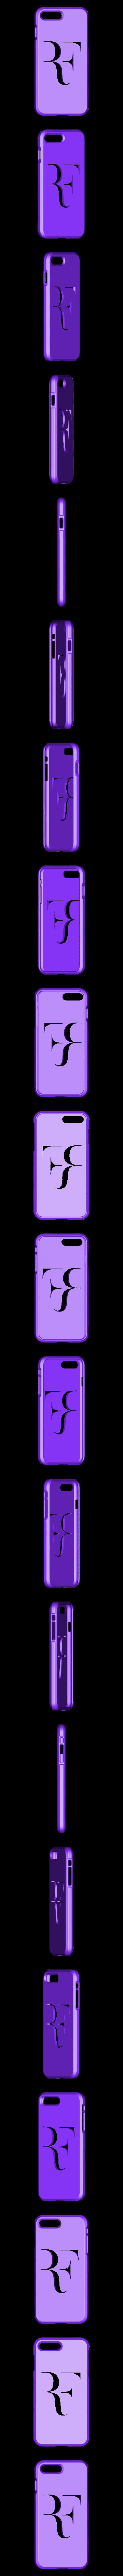 Roger Federer.stl Download STL file Iphone 4 Covers • 3D printable template, vincent91100